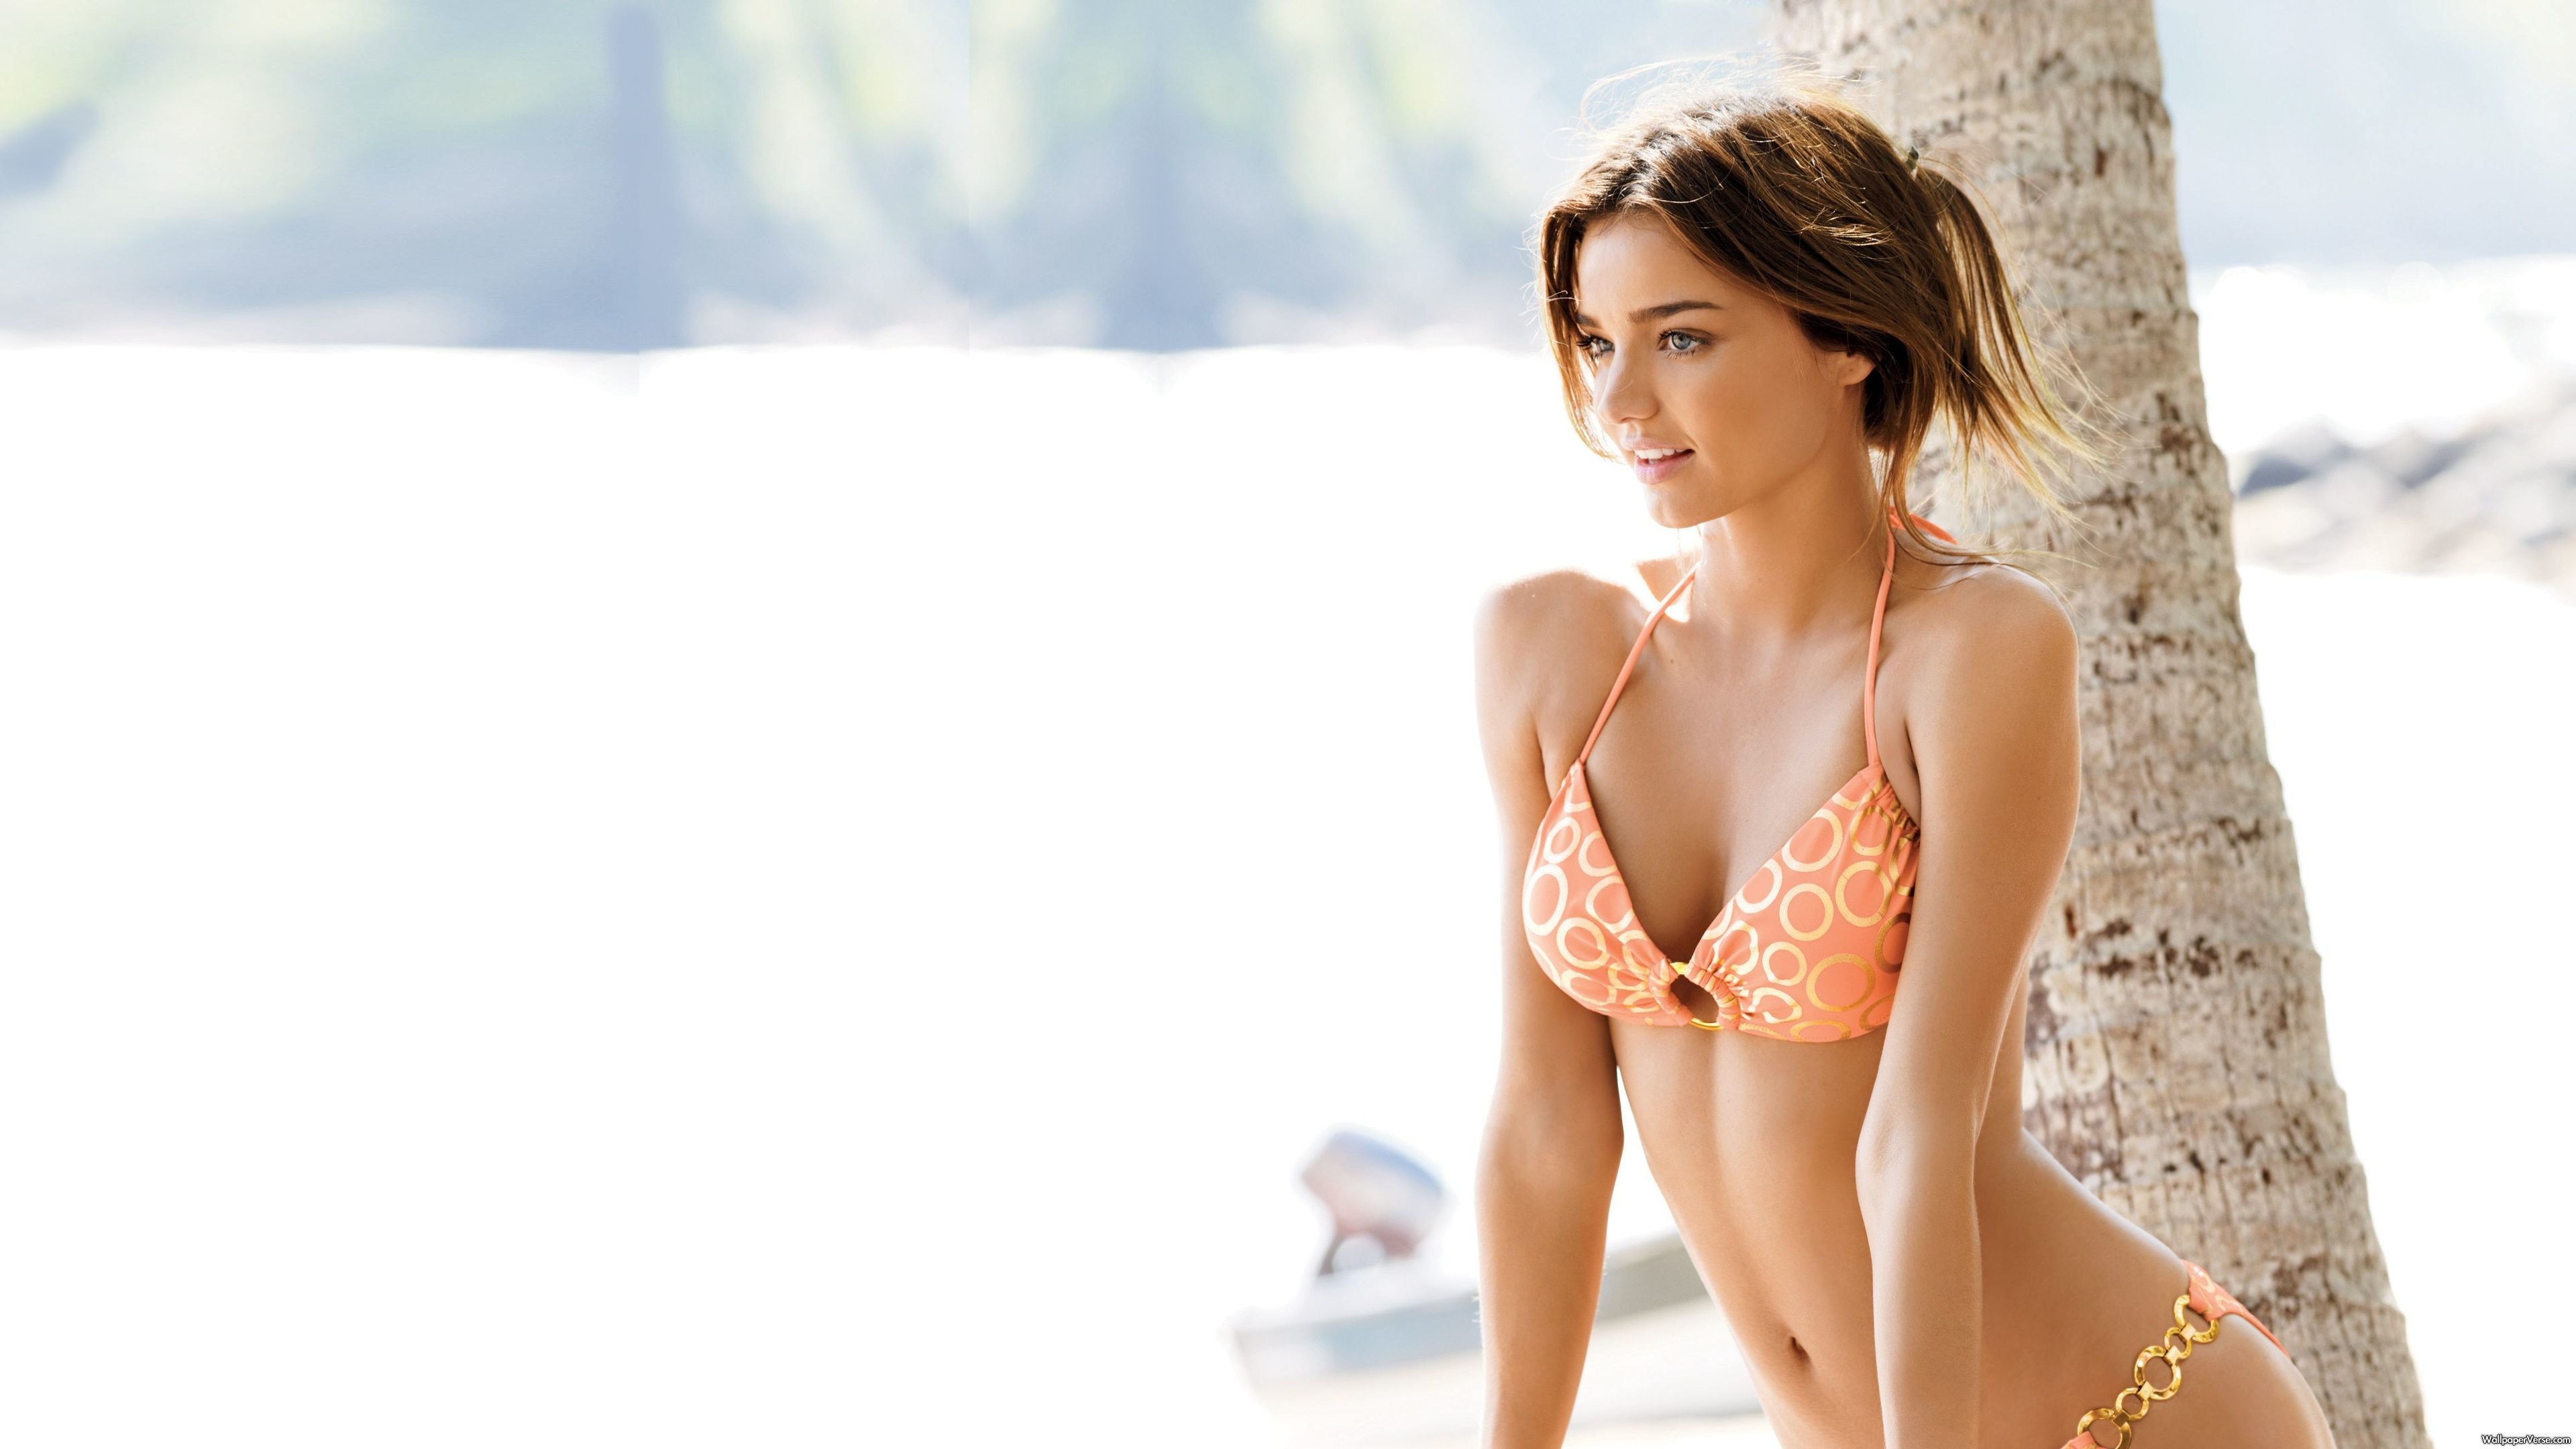 Miranda Kerr Bikini Beach Photo Ultra Hd 4k Wallpapers Mit